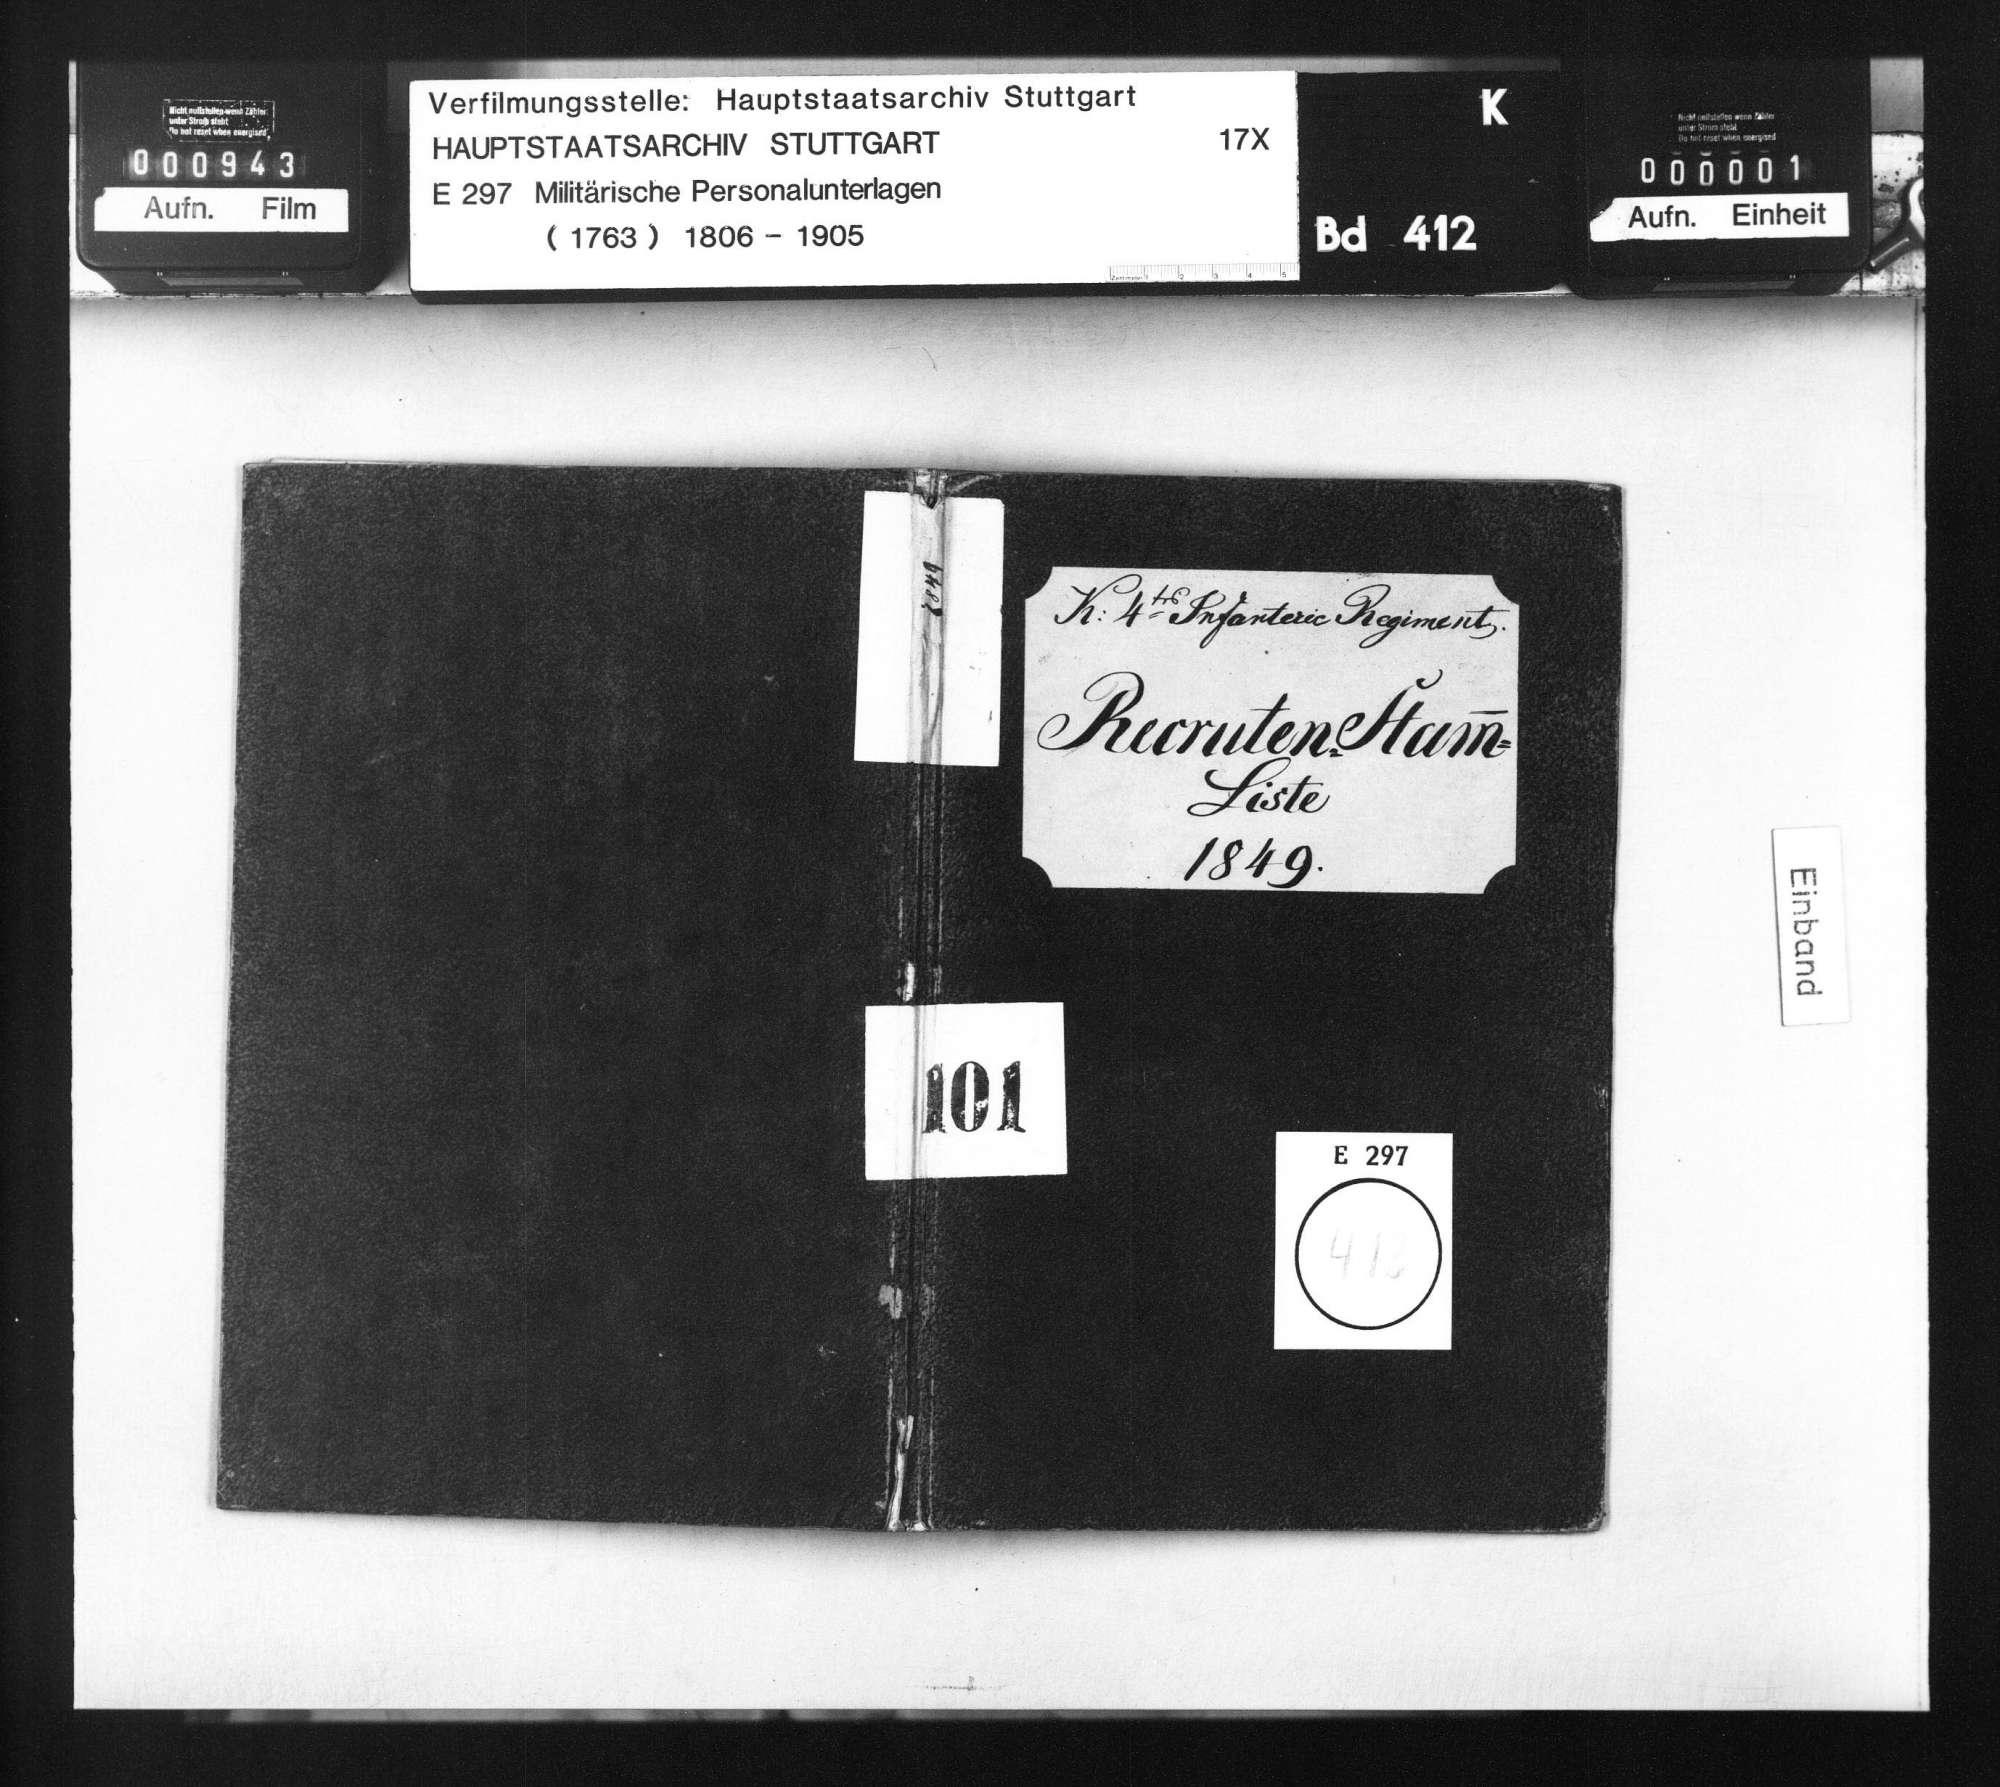 Stammliste der am 1. April 1849 beim 4. Infanterie-Regiment eingelieferten Rekruten, Bild 1